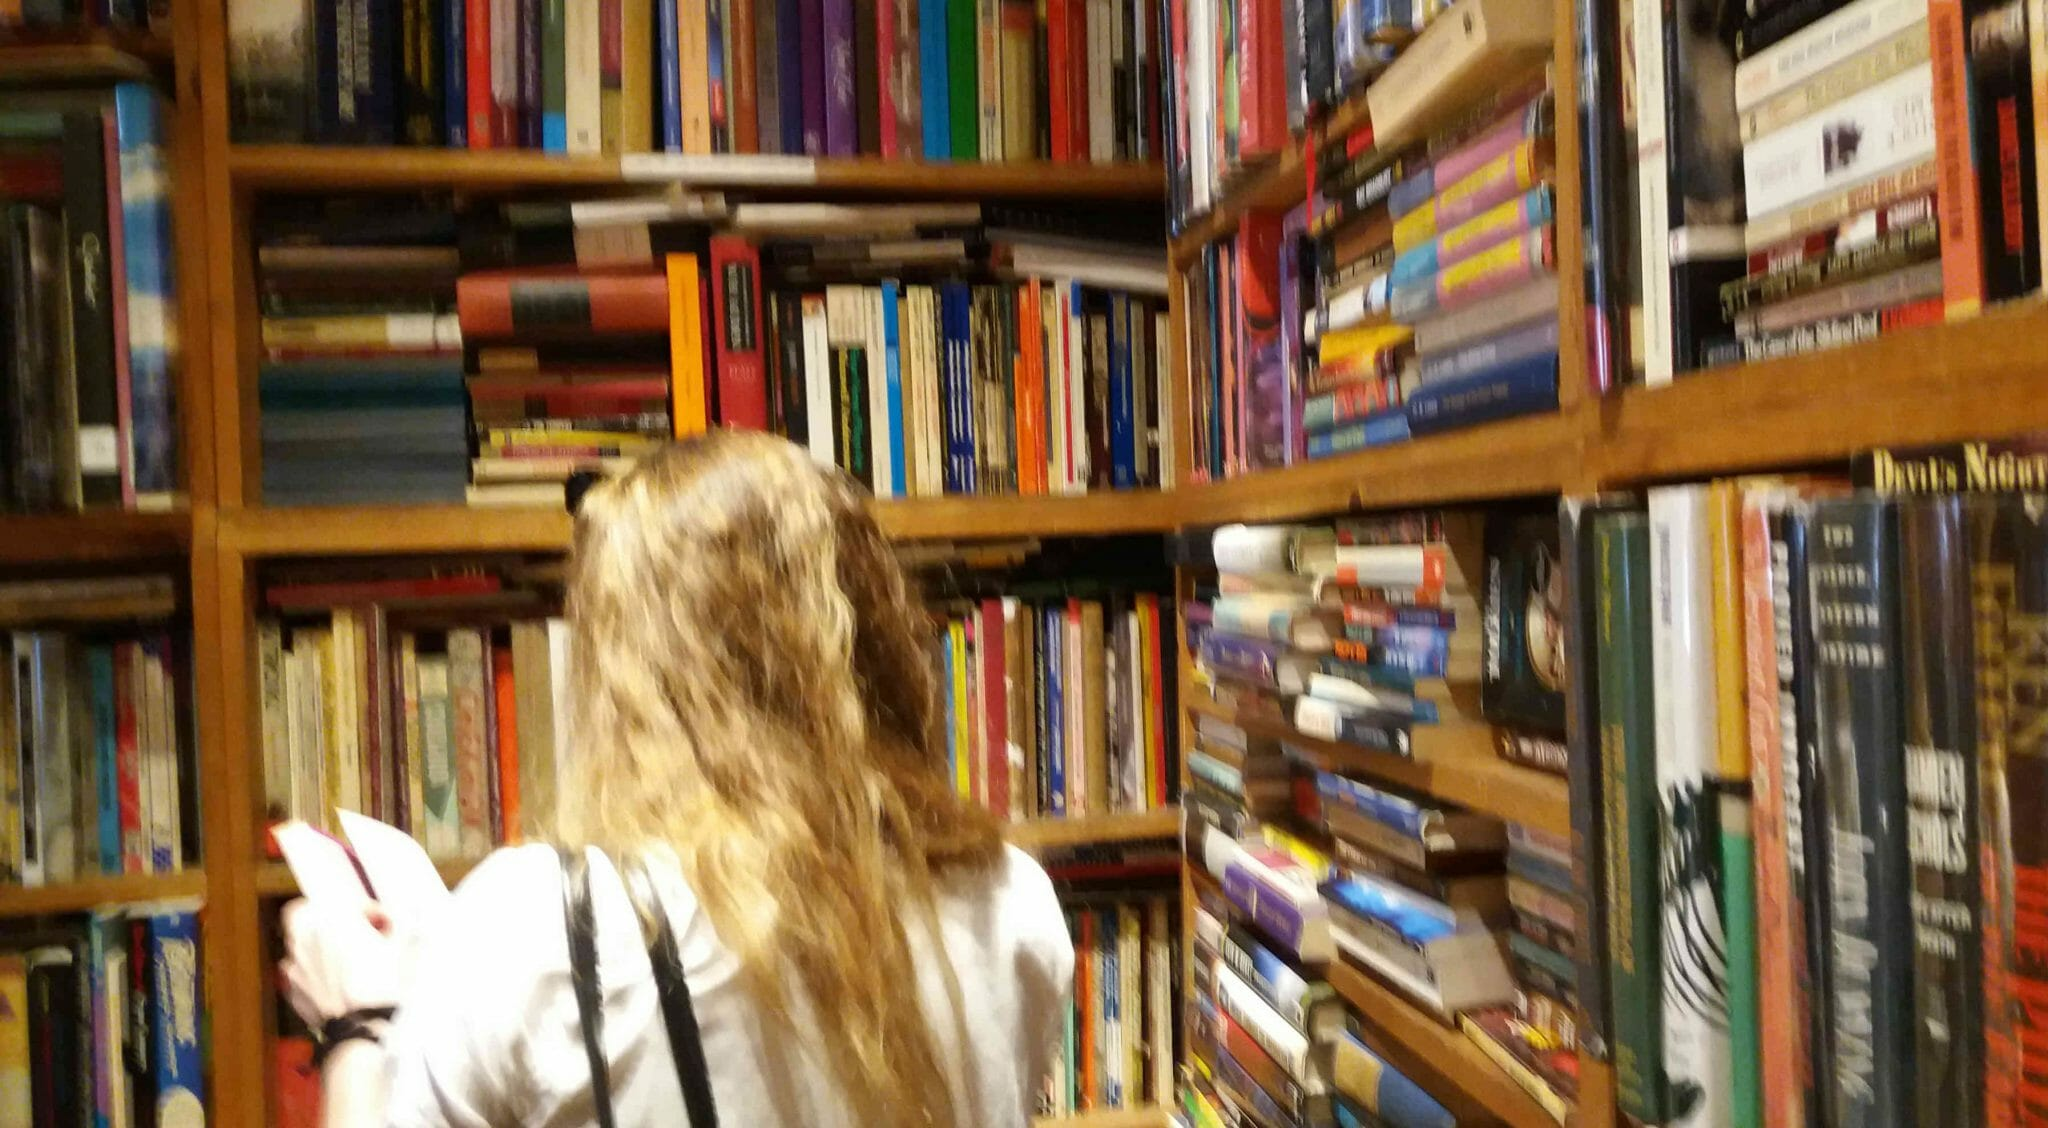 librerie, libreria, libri, lettrici, lettrice